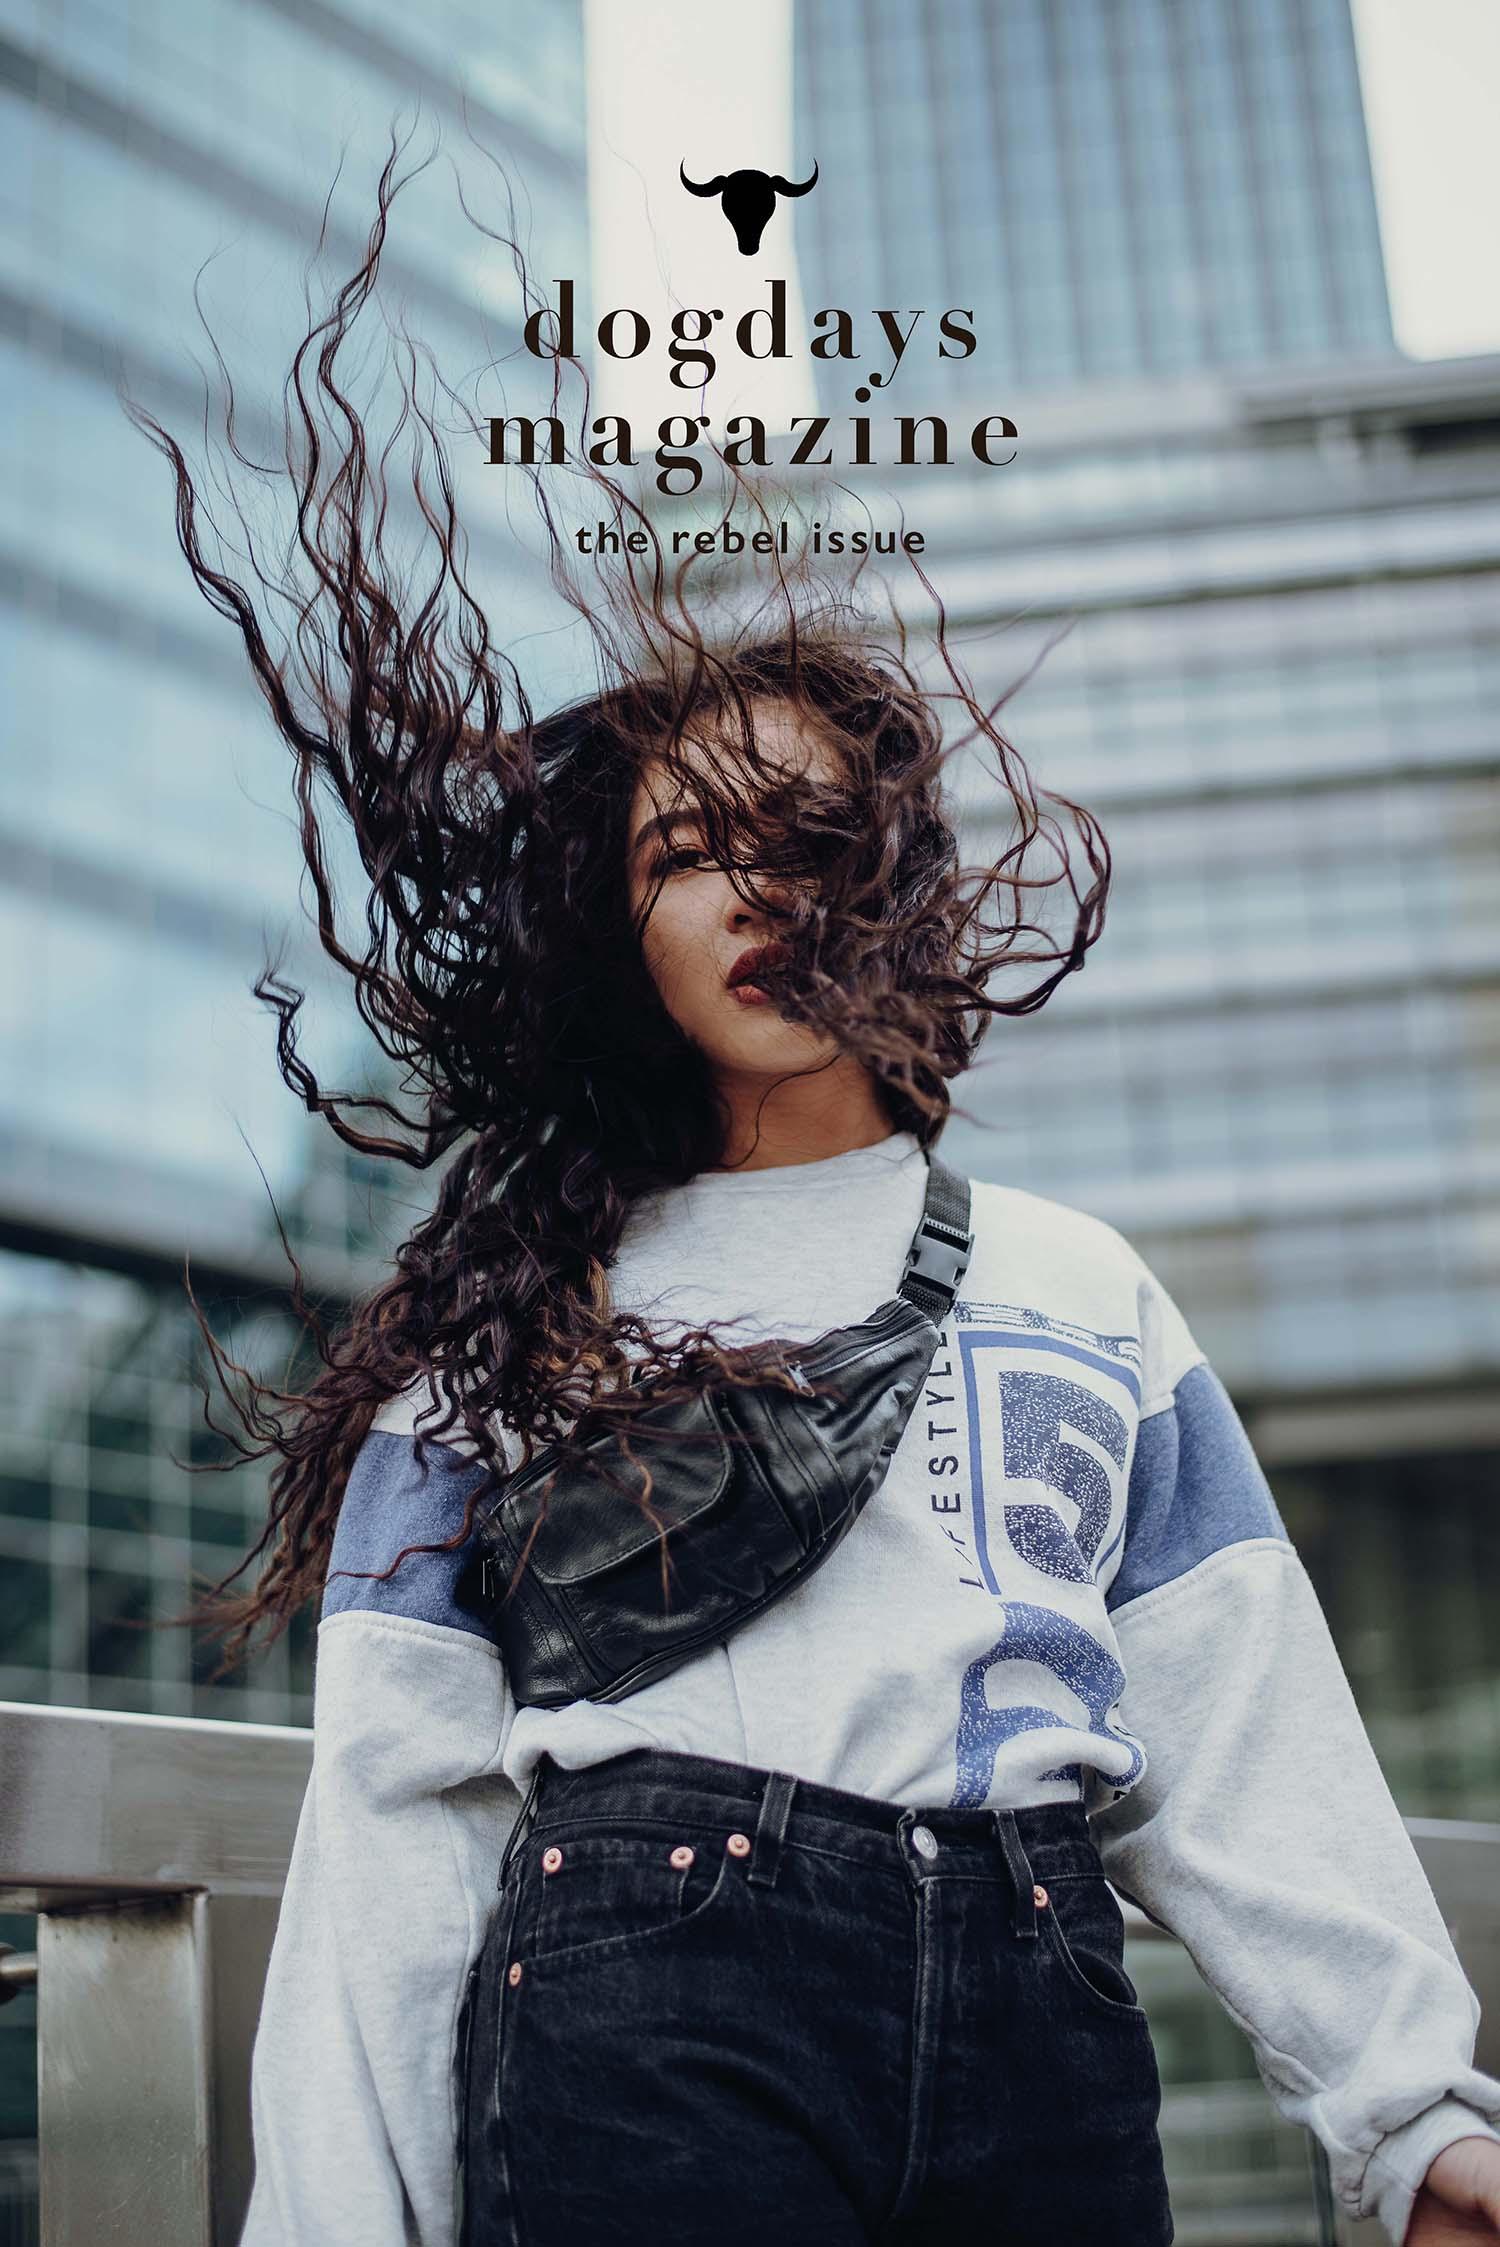 Dogdays Magazine*